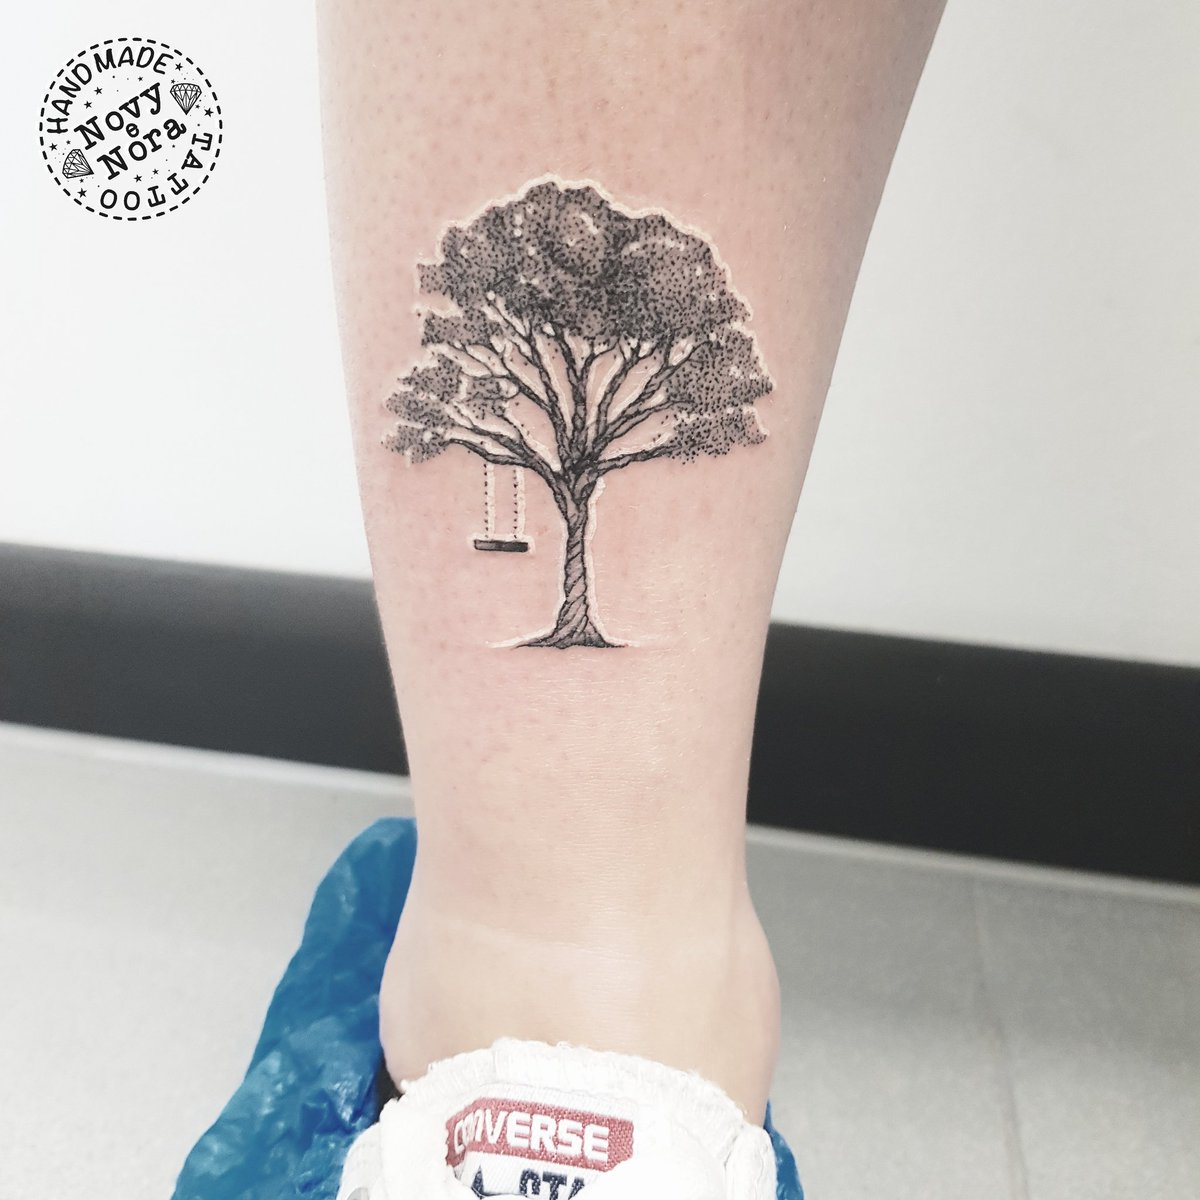 Tree  Swing #treetattoo #swing #tree #dotworktattoo #dotwork #inkedgirl #handmadetattoostudio #carpi #tattoo #tinytattoo #albero #altalena #swingtattoo #ink #onmyskin #treeswingpic.twitter.com/RzAJKRvDx9